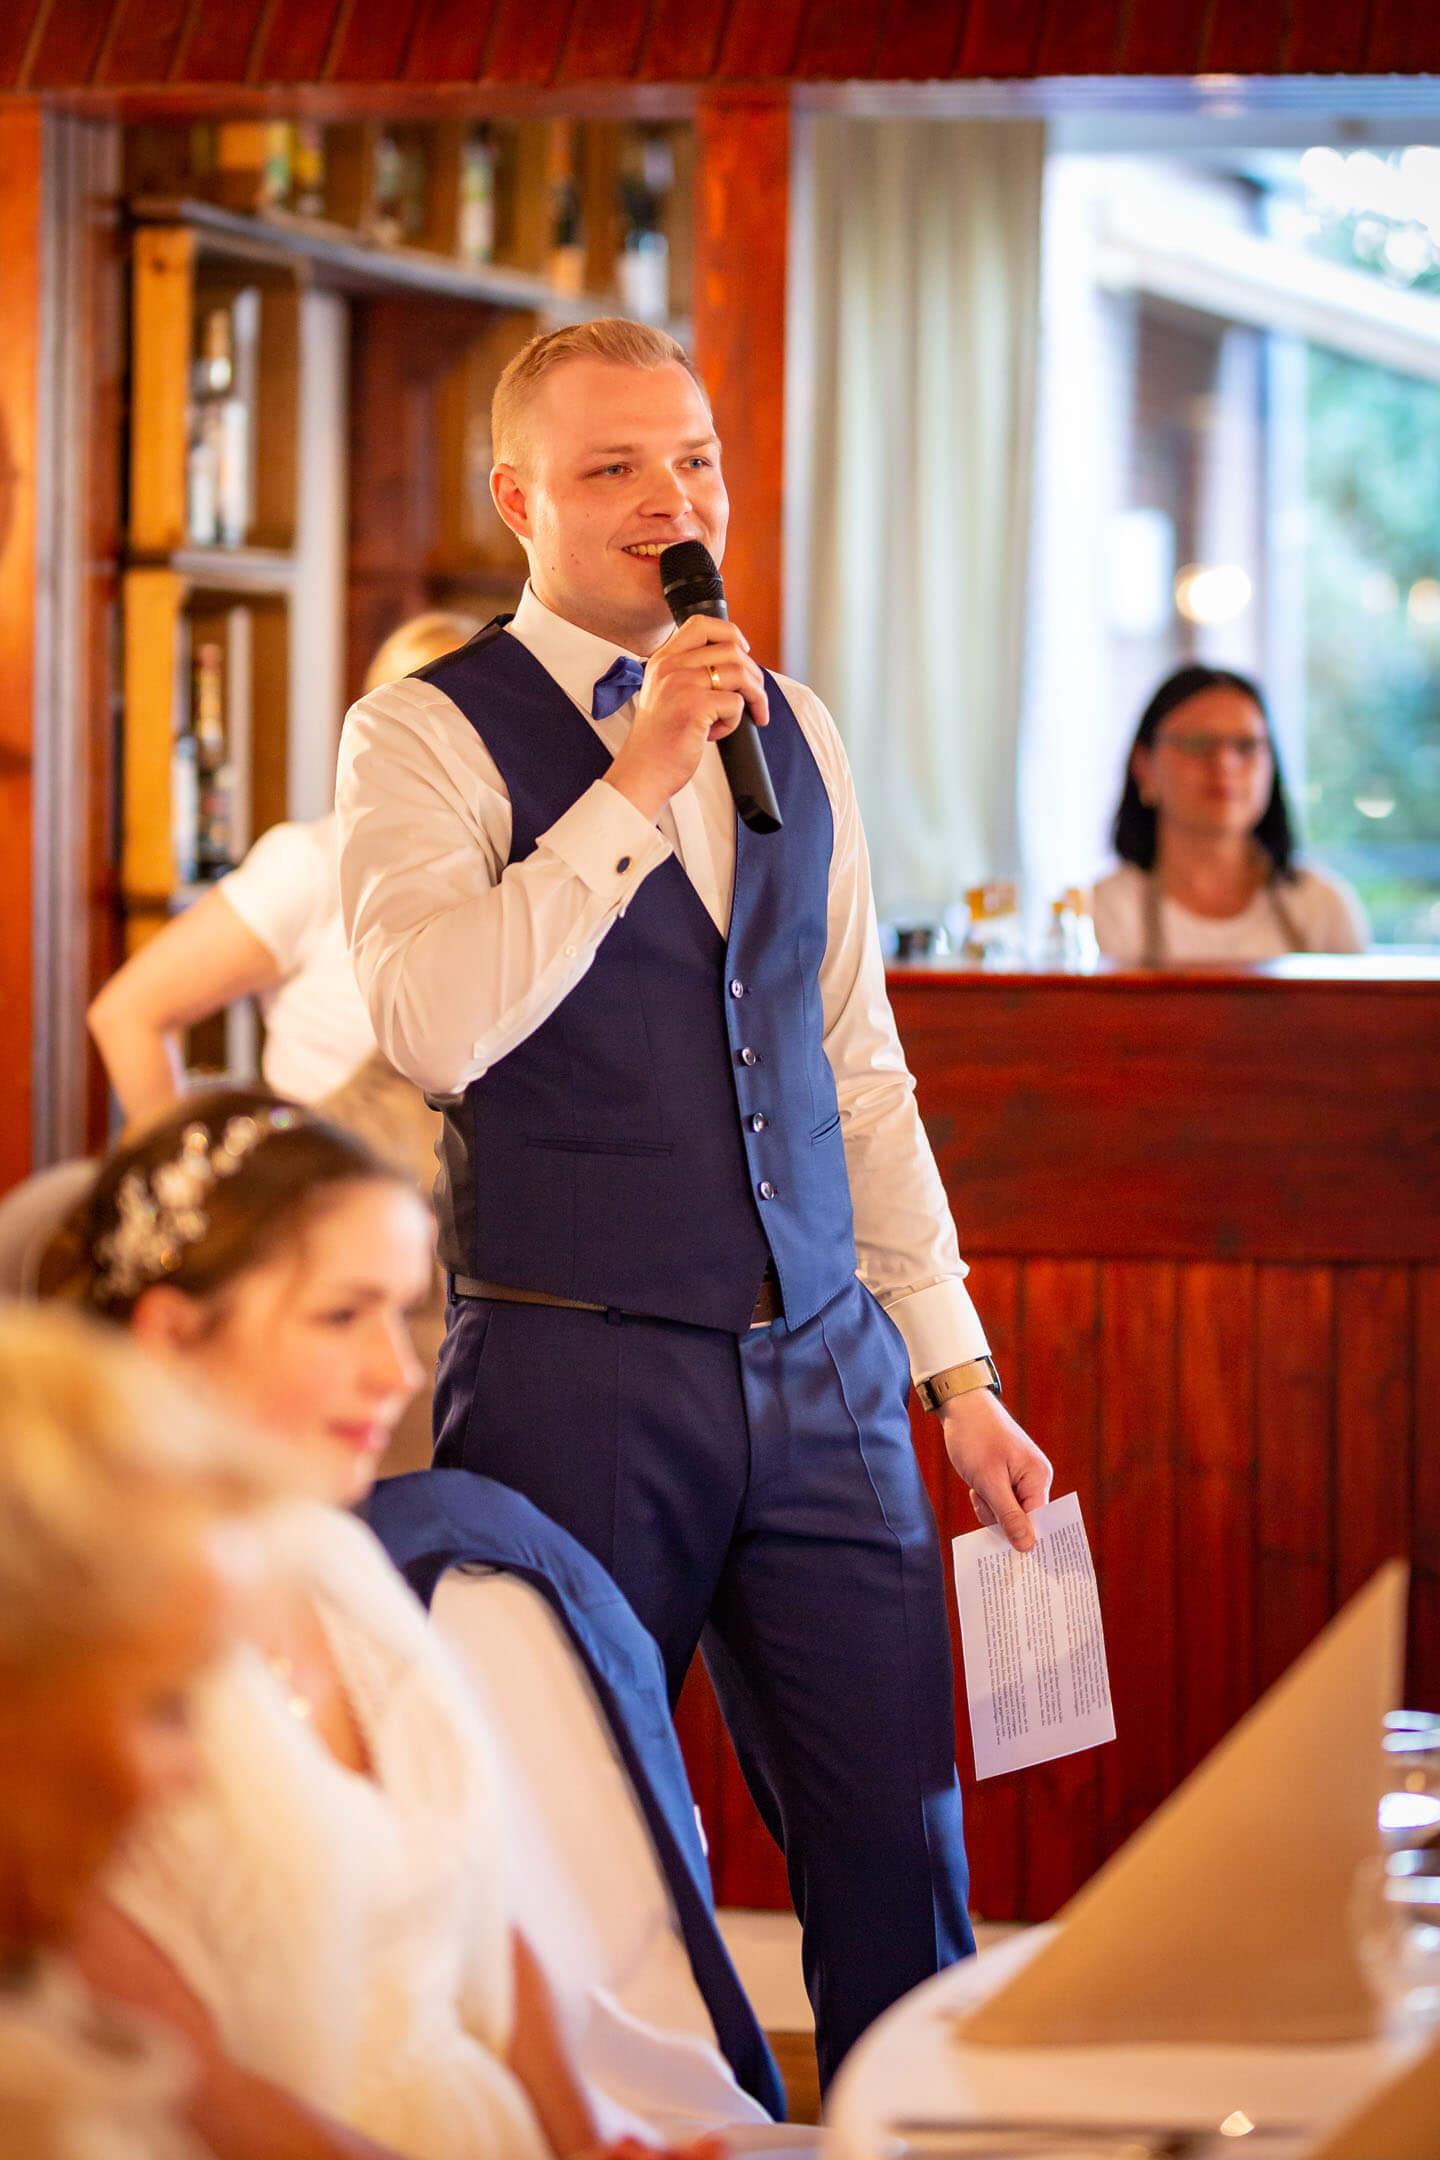 Ansprache des Bräutigams bei einer Hochzeit im Landhaus Westerhof